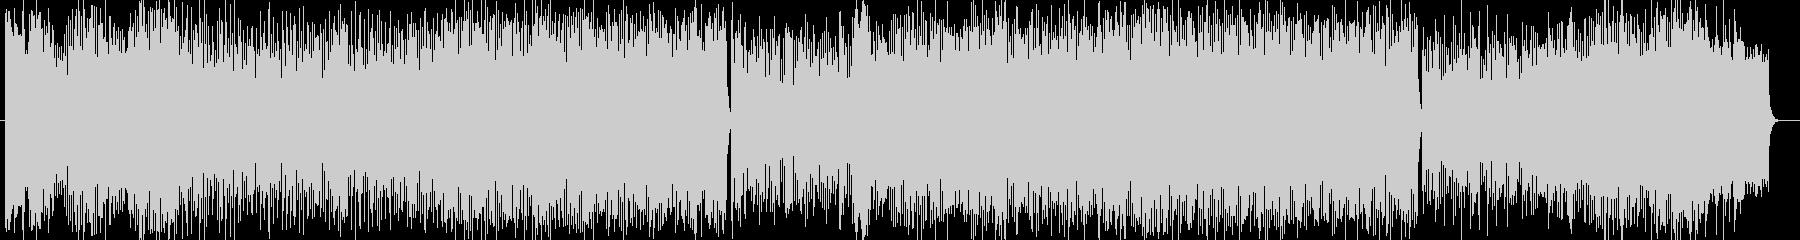 華やかなイントロのシンフォニックな曲の未再生の波形